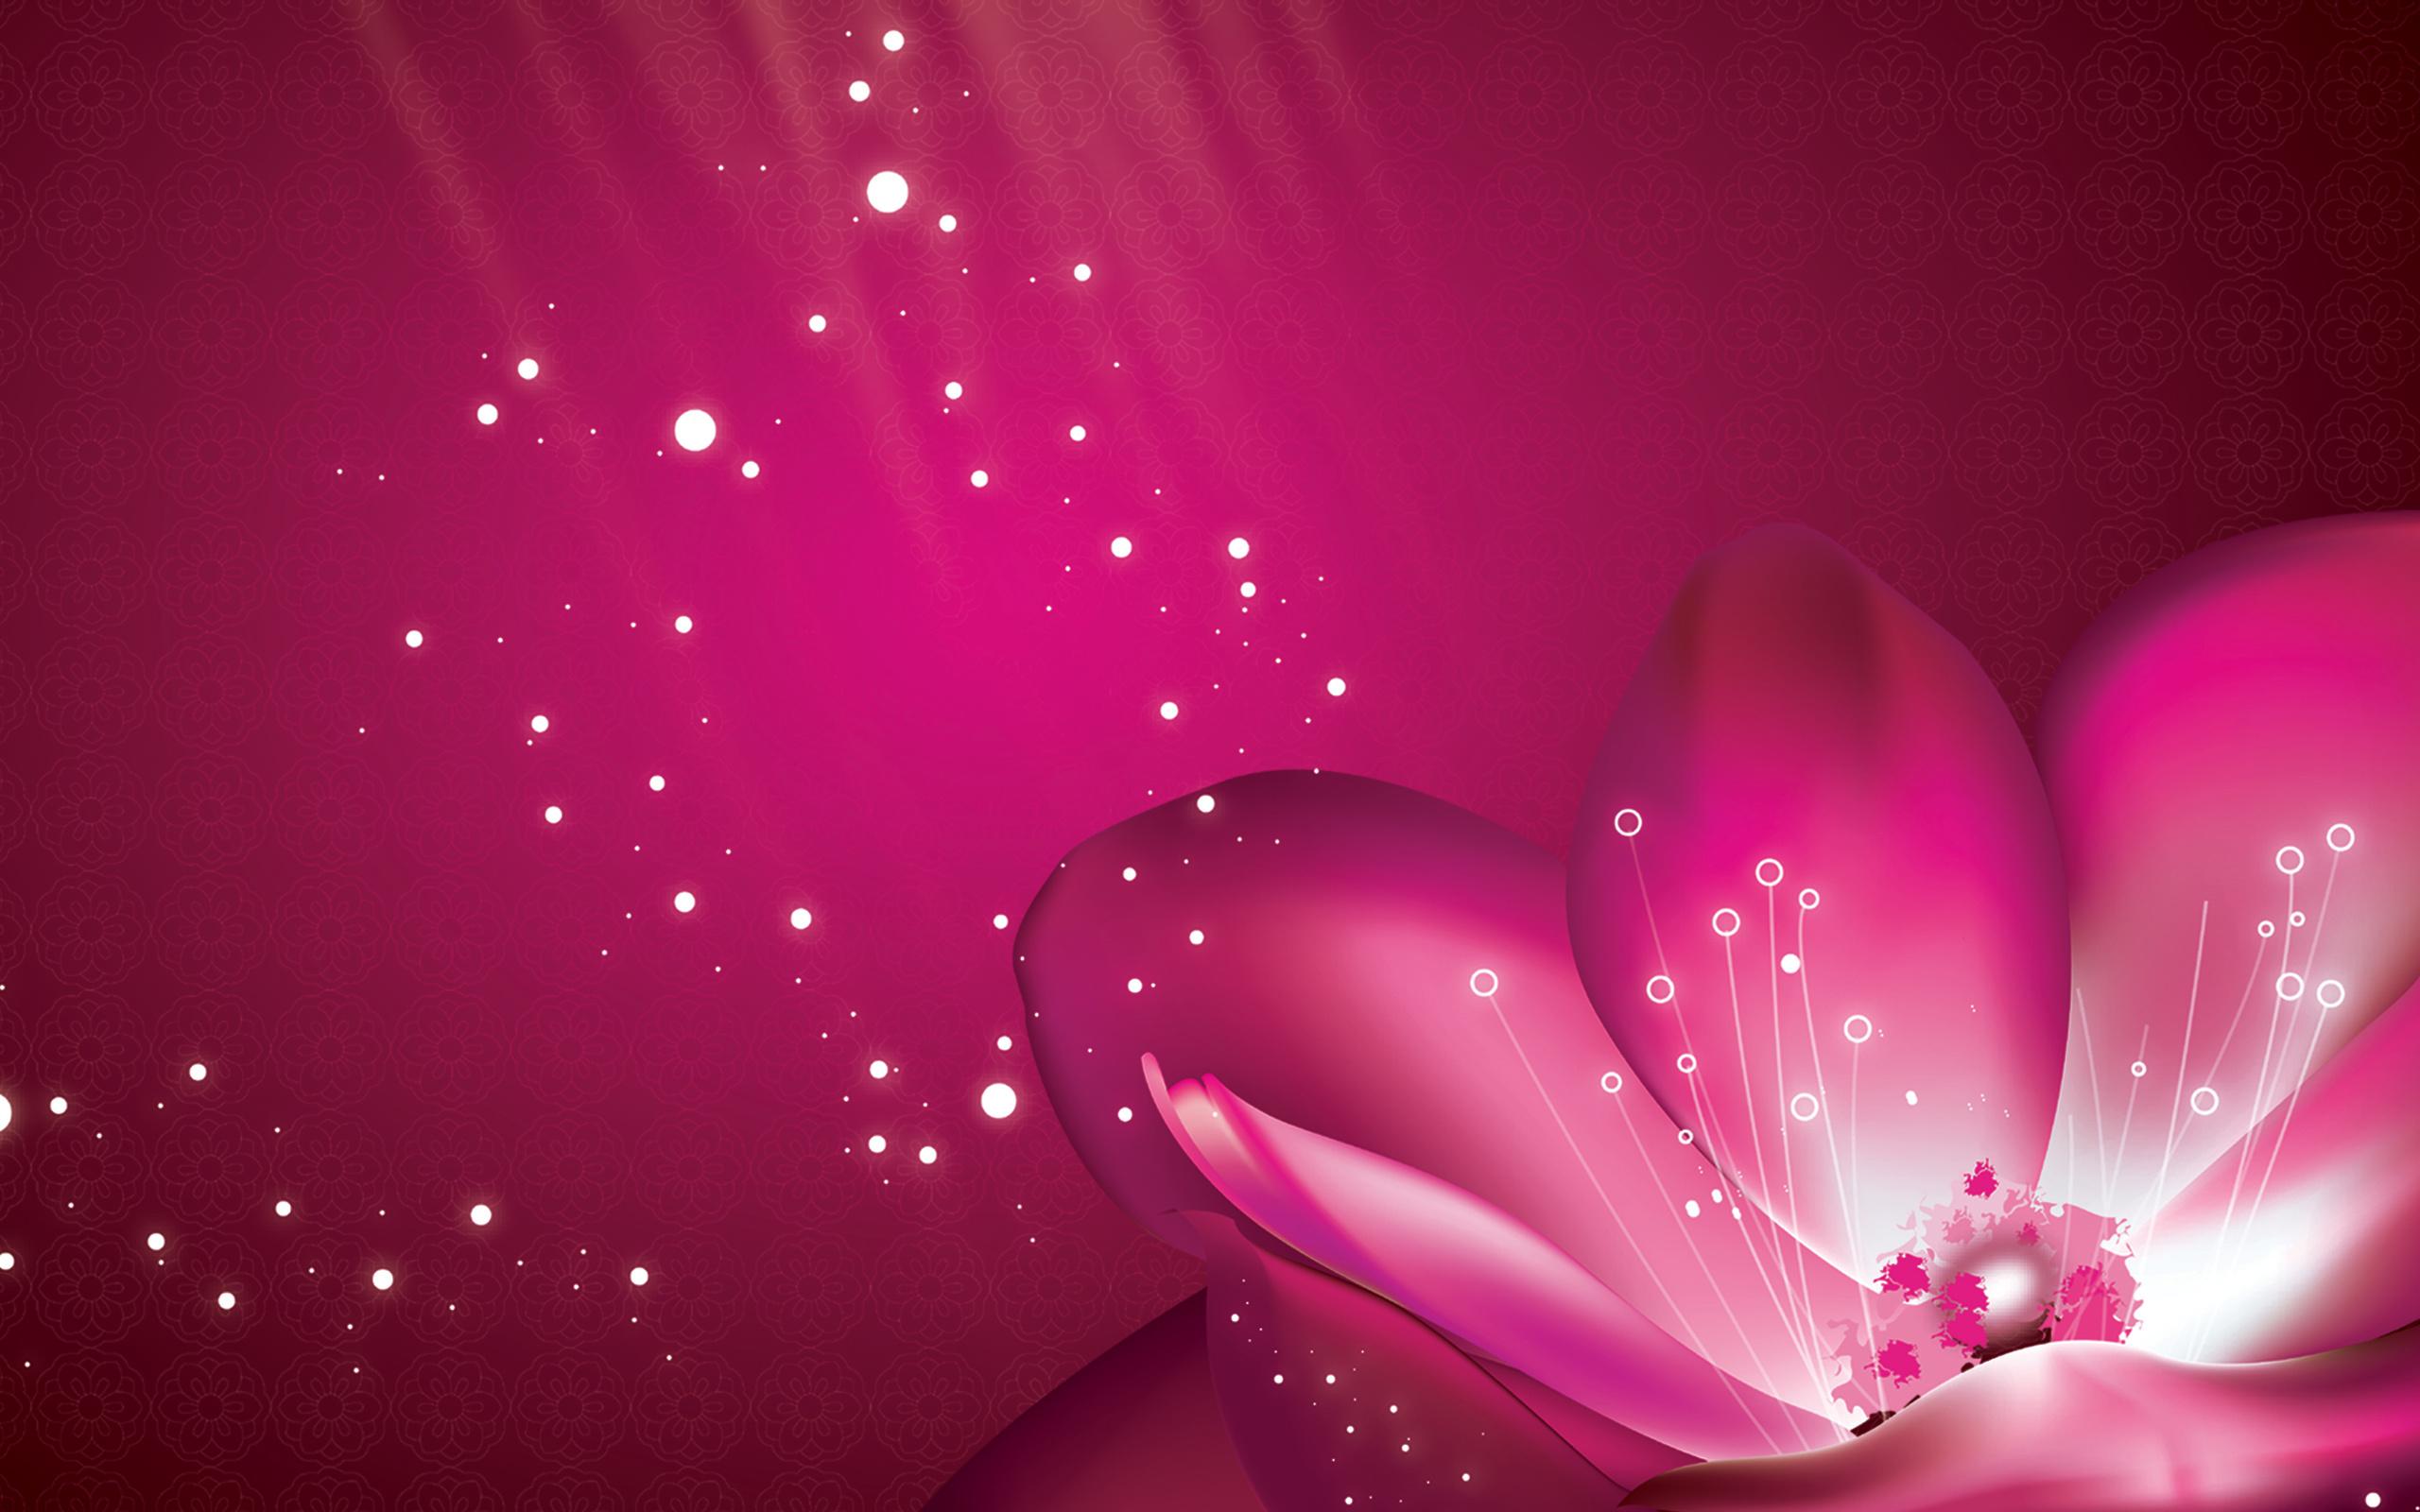 оттенки красивые рисунки розовые всех